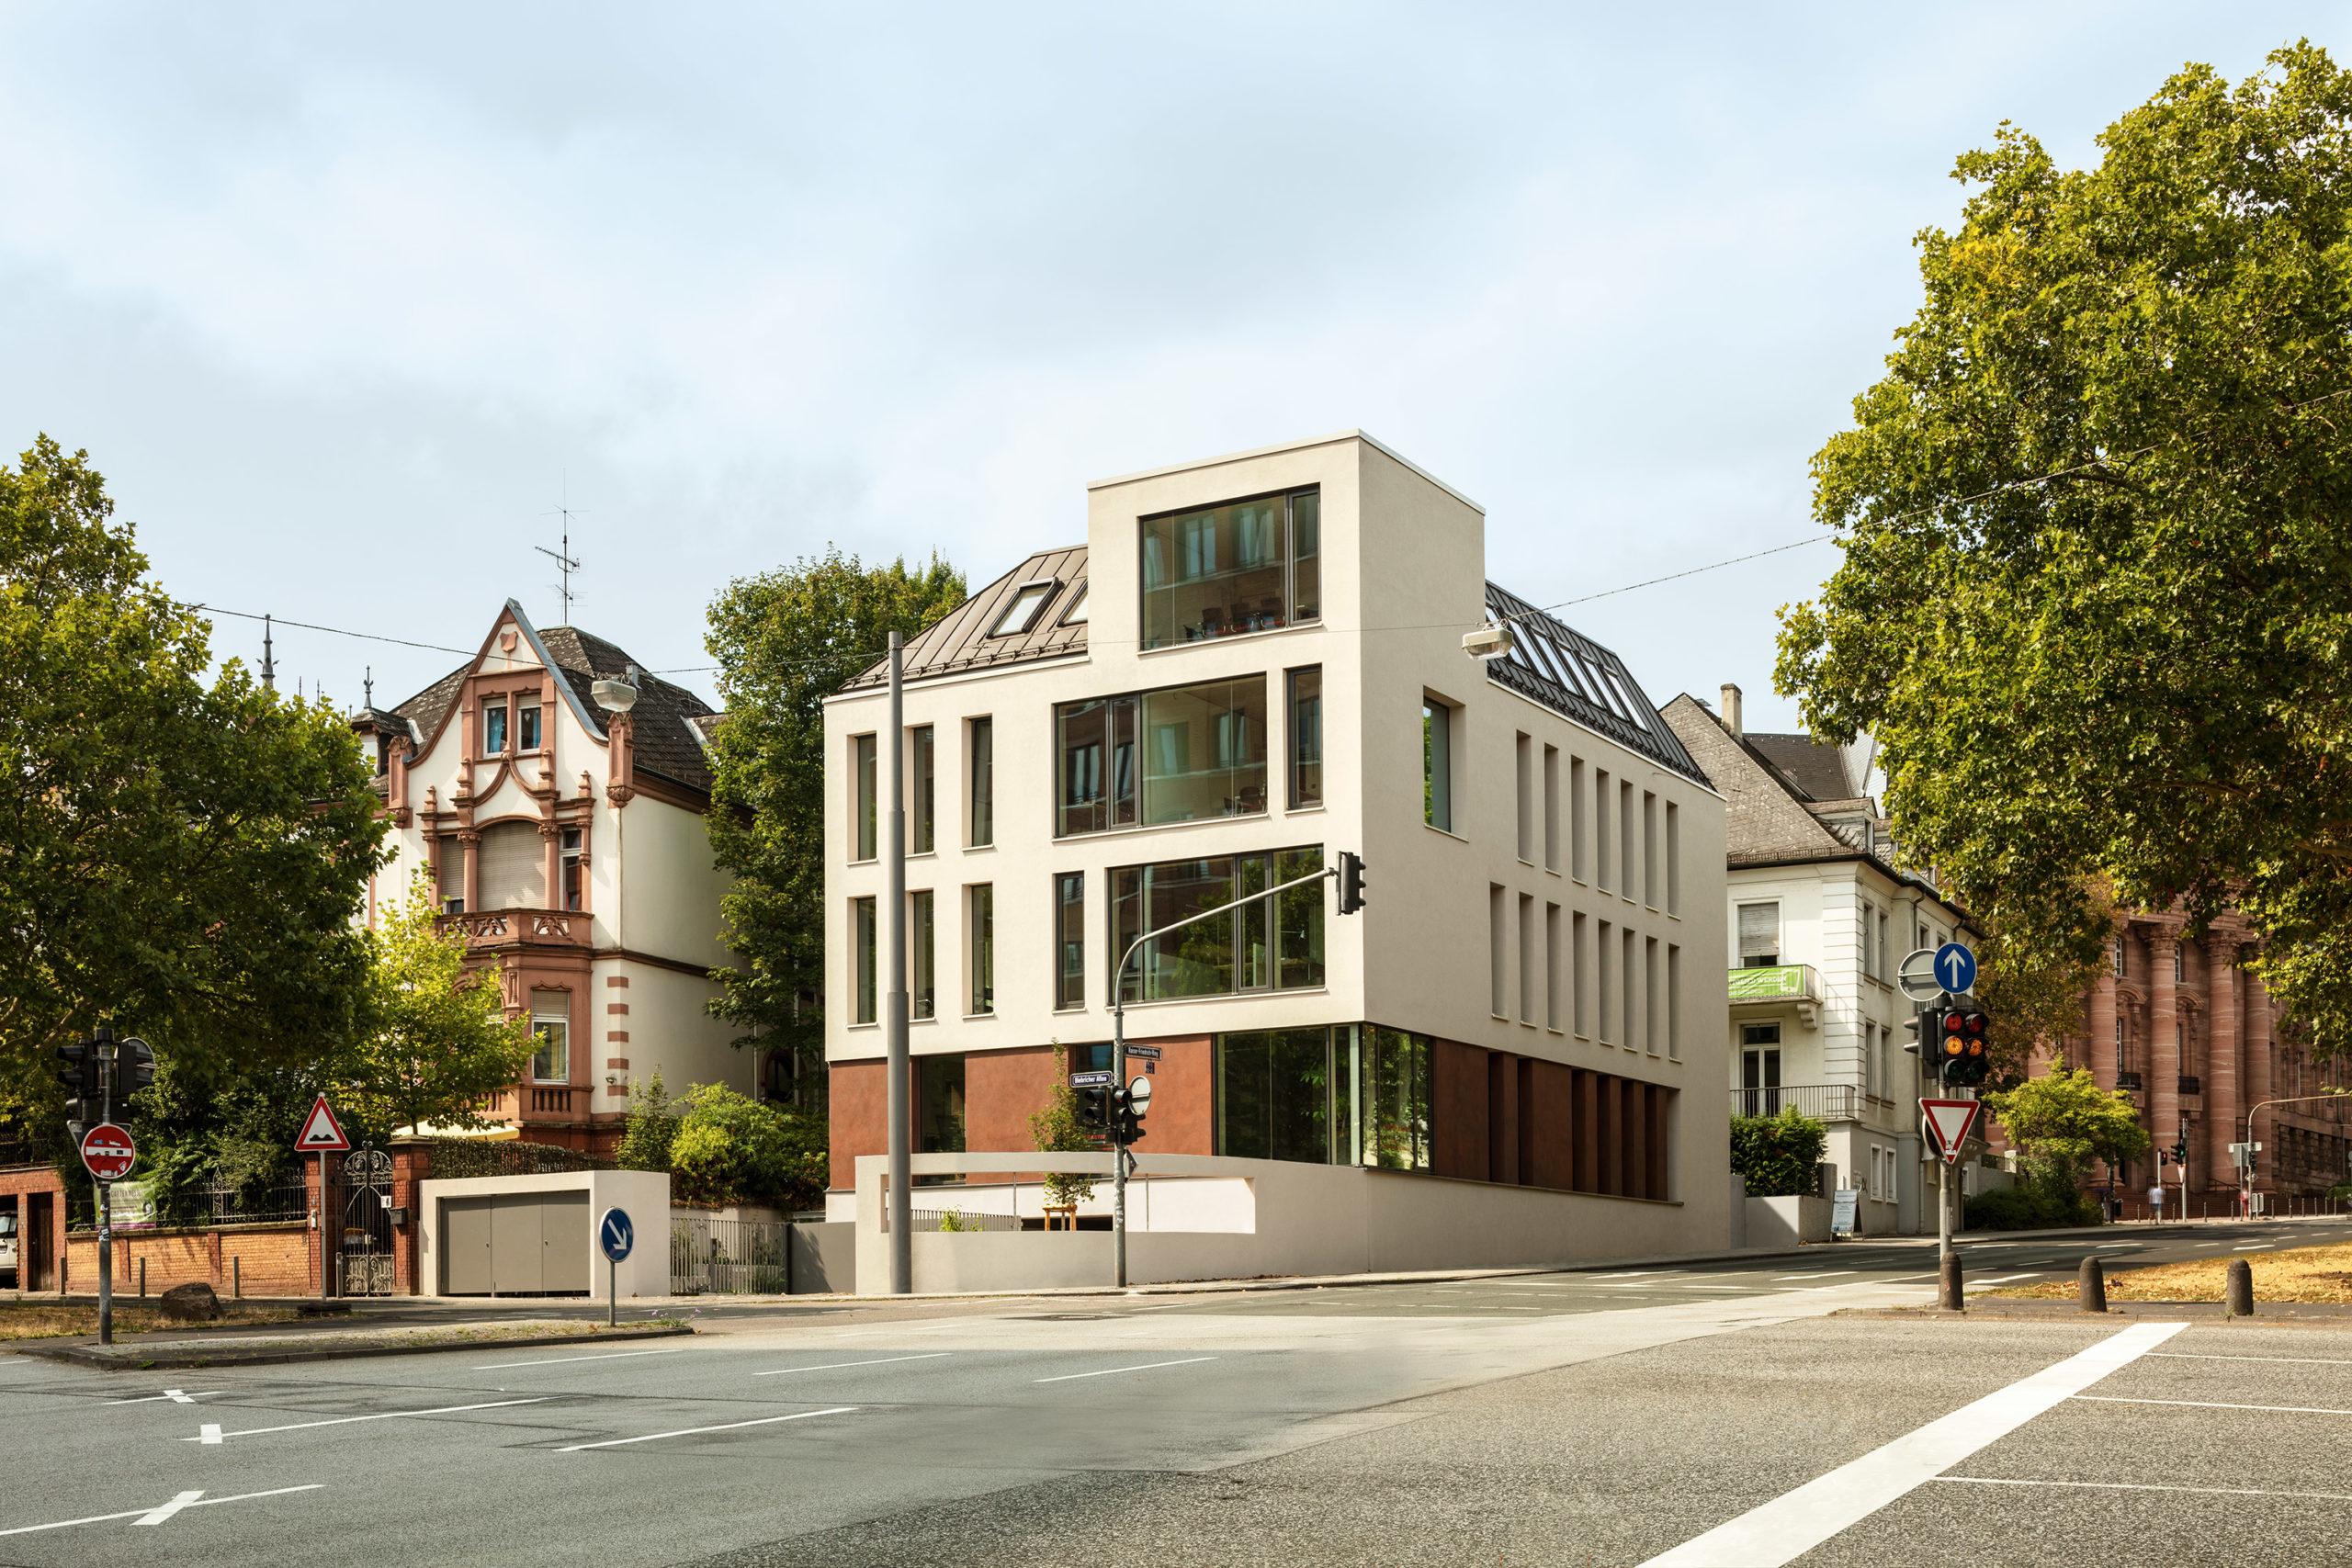 Ansicht von Nordosten des Bürogebäudes KFR79 in Wiesbaden